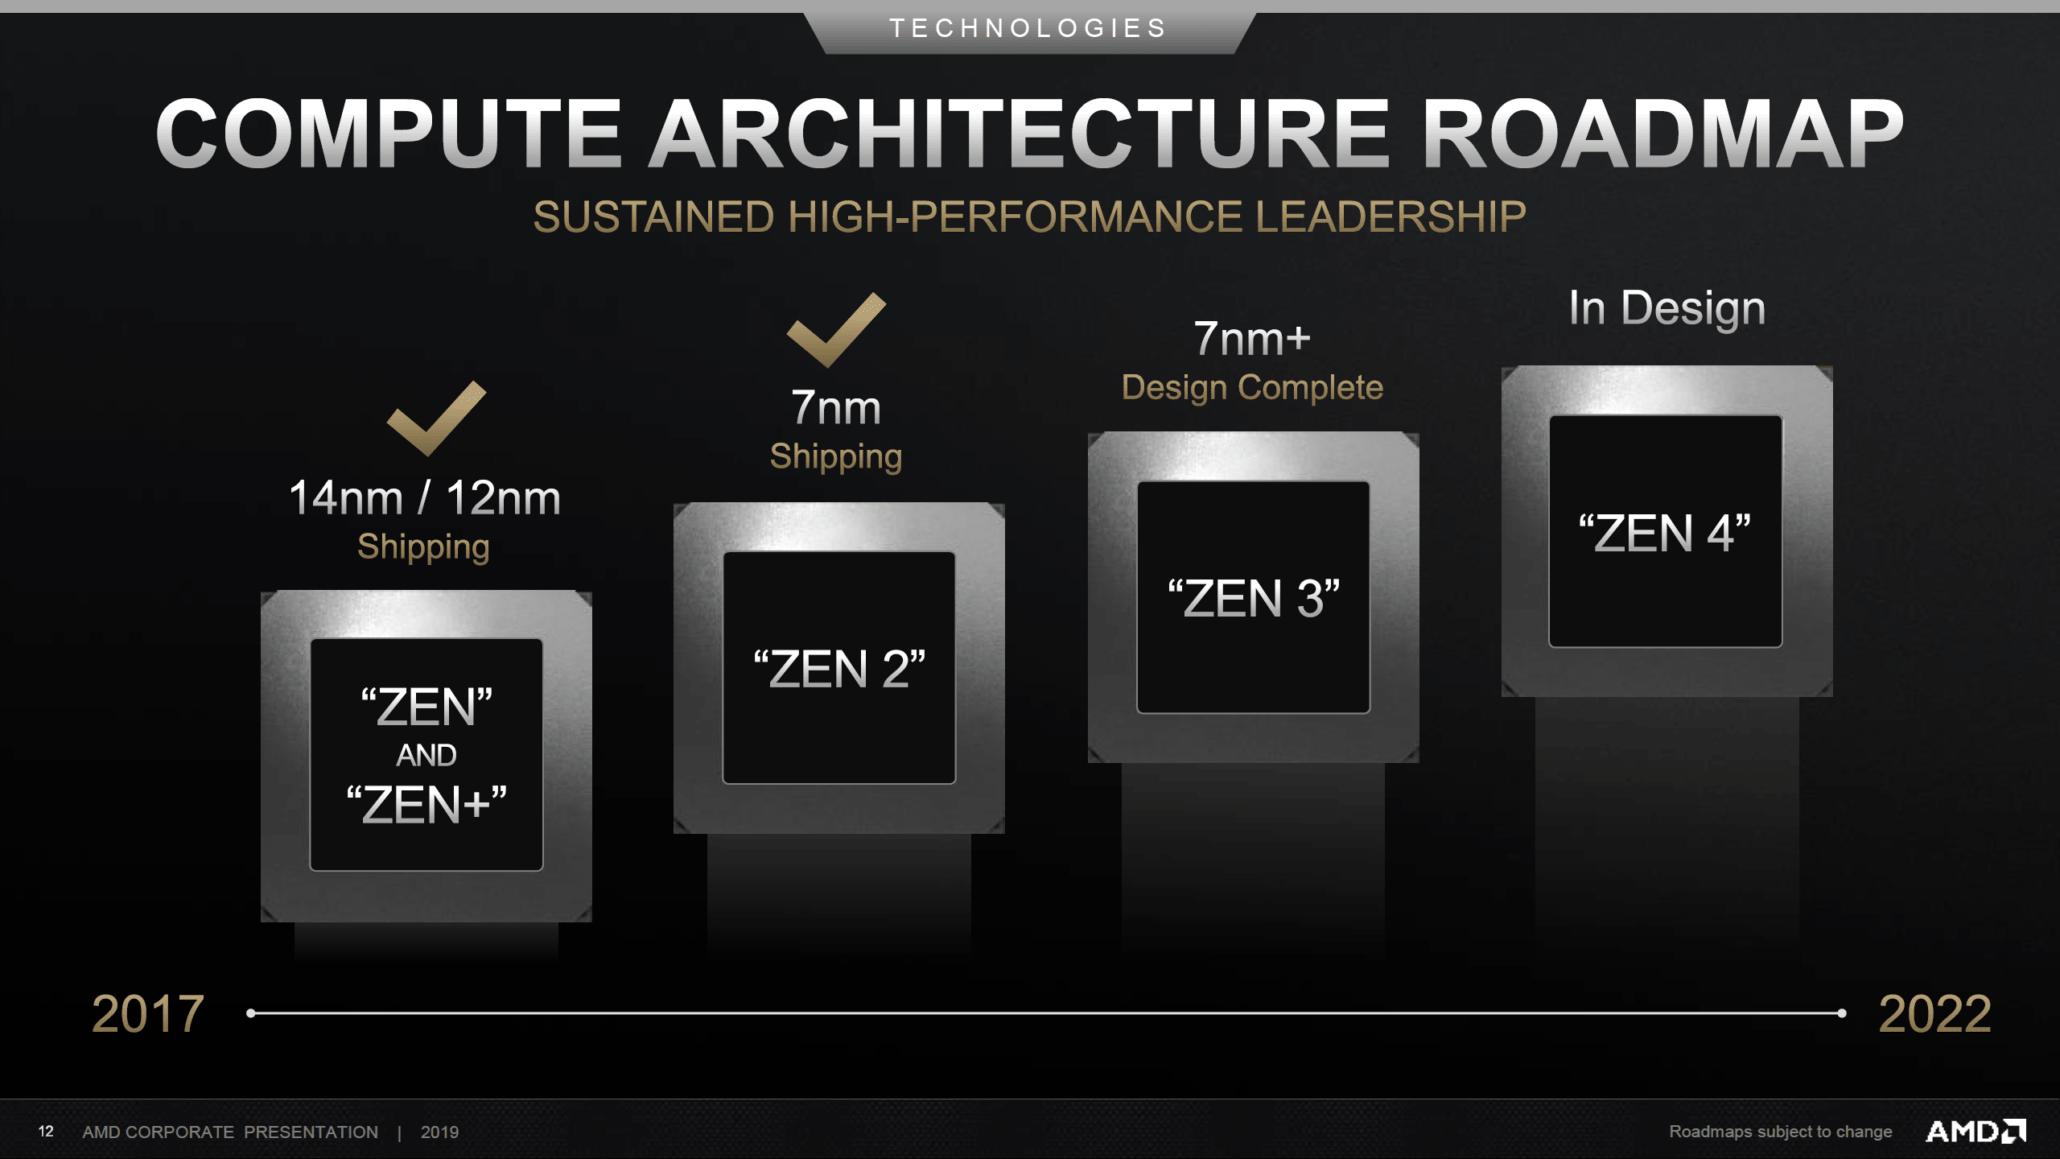 شایعه : بهبود عملکرد 17 درصدی پردازندههای نسل چهارم AMD Ryzen